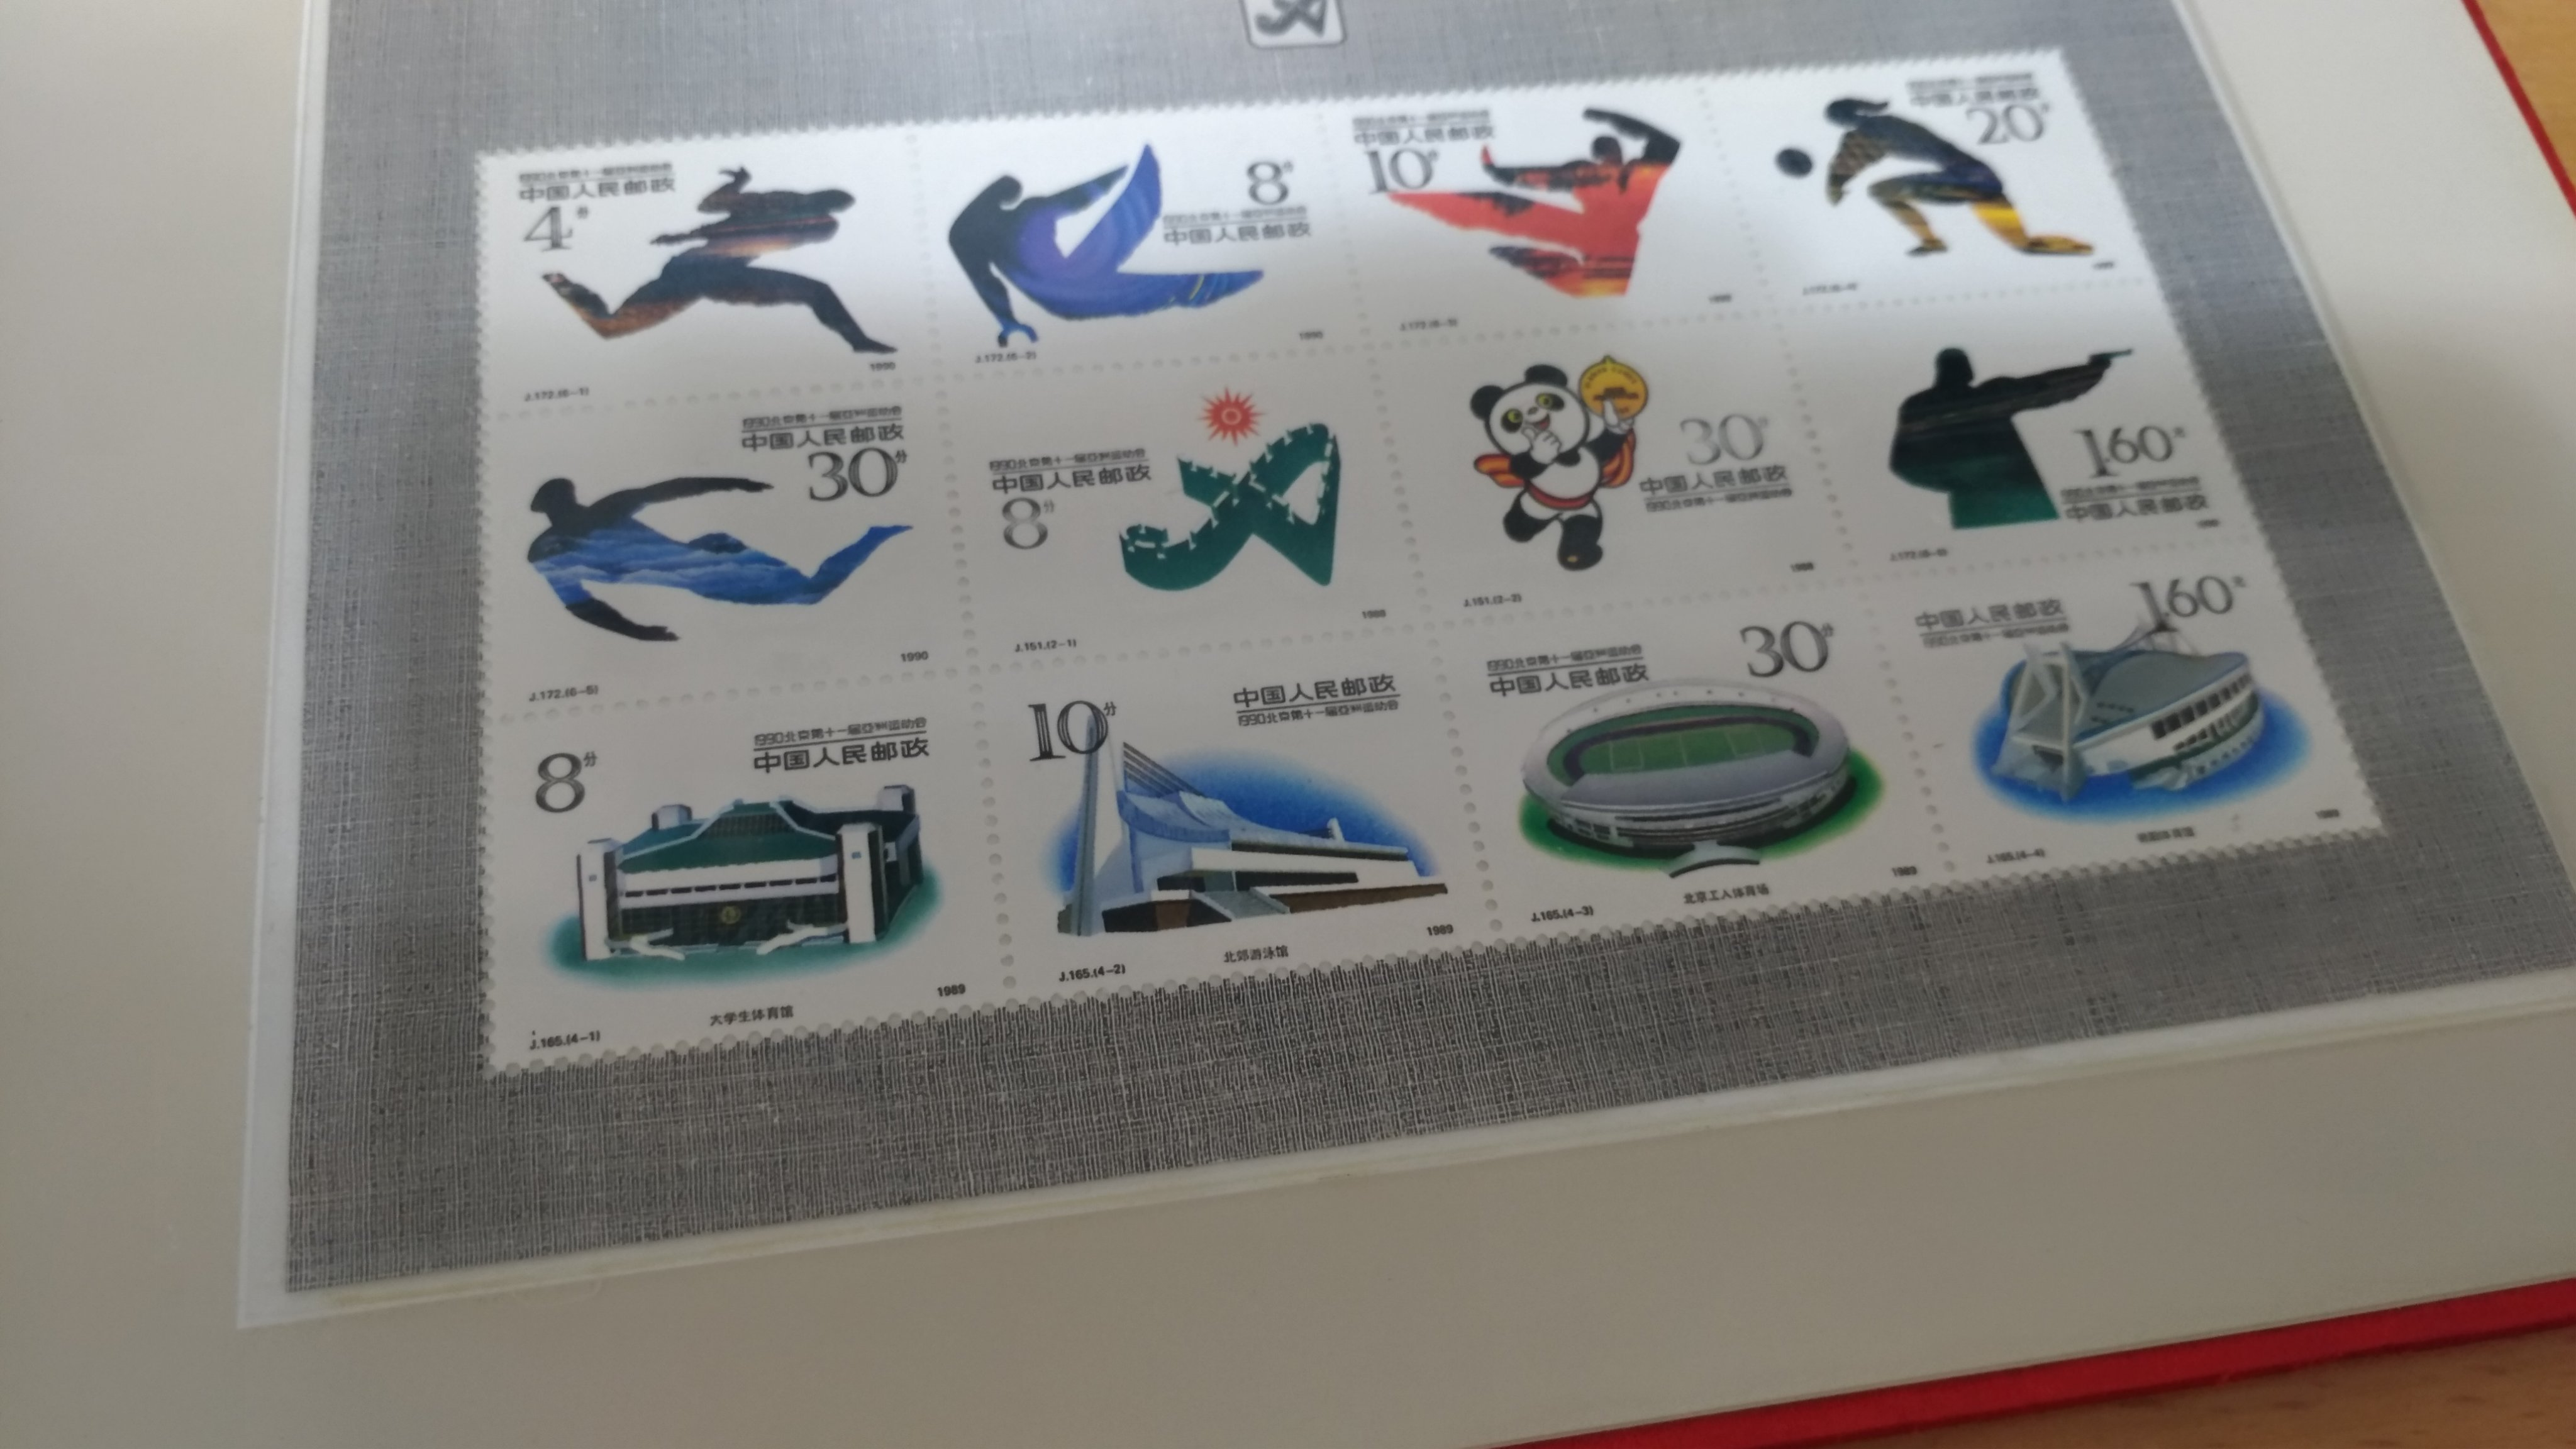 [郵票收藏] 中國大陸北京1990年第11屆亞洲 會/亞運會 郵票 含郵票冊~台北可面交/郵寄.便利商店